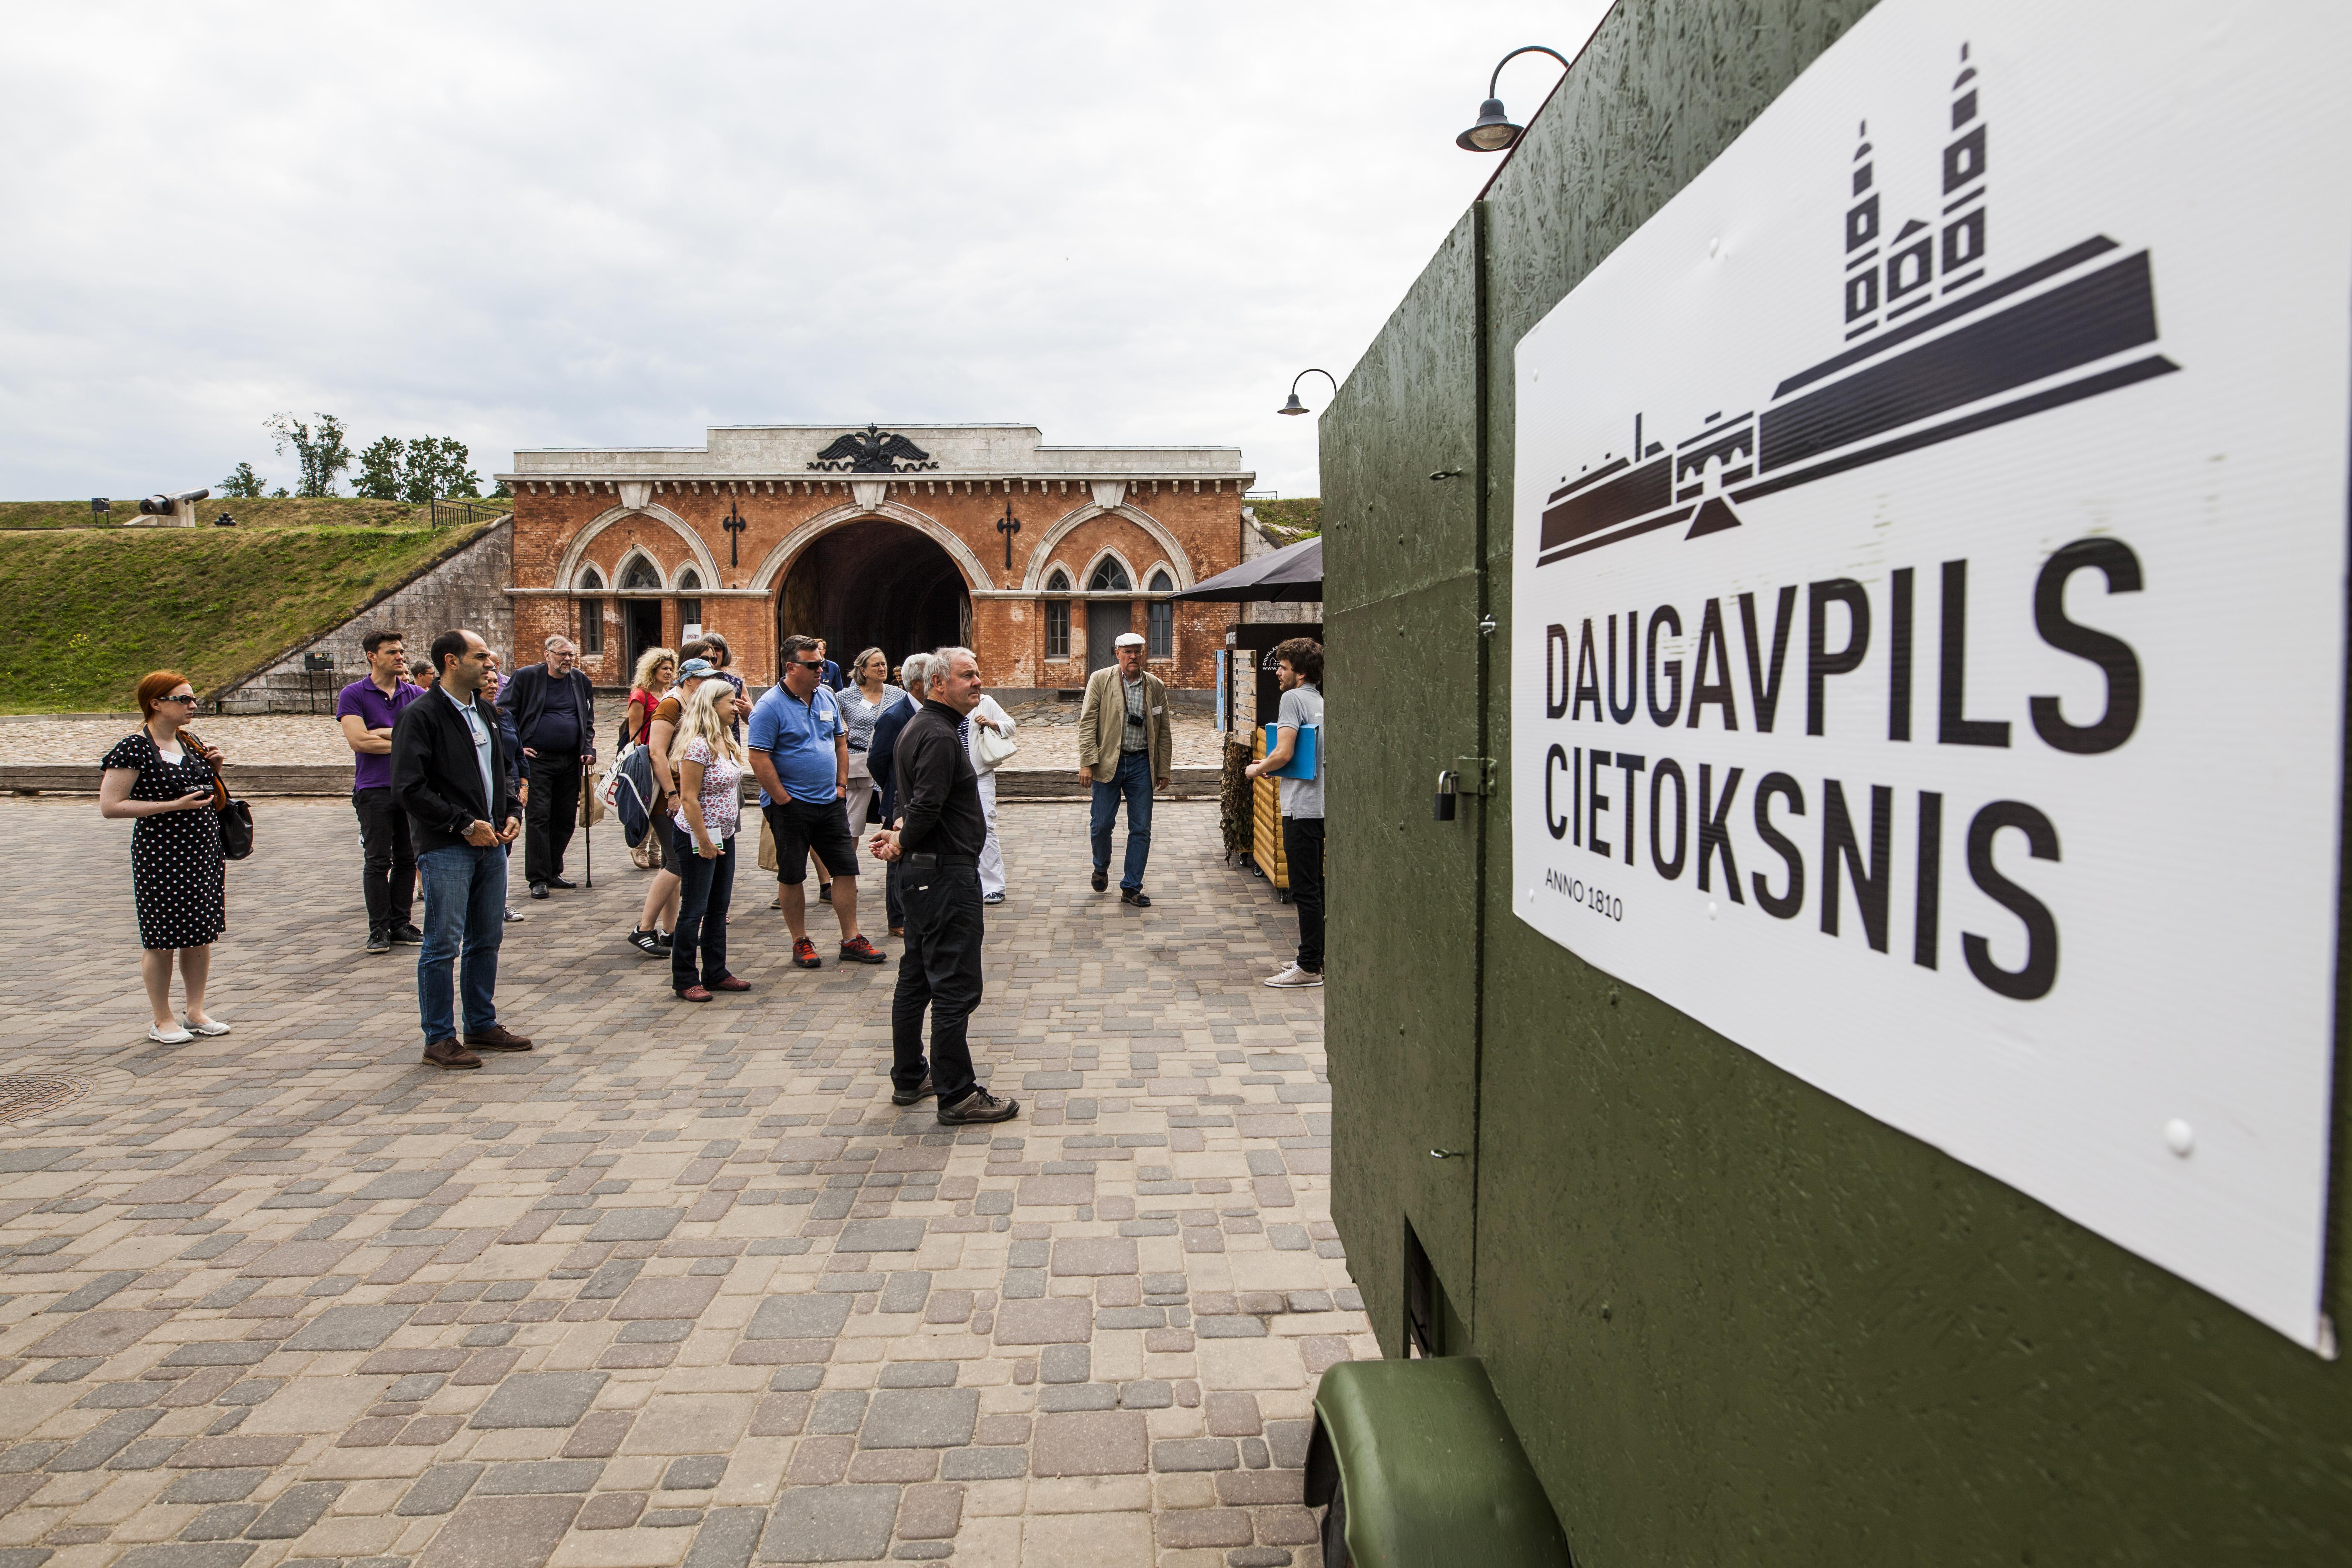 Agri Gentium: Landscape Regeneration, candidato al Premio Paesaggio del Consiglio d'Europa, il 20 giugno 2018 riceve, a Daugavpils in Lettonia, la Menzione Speciale per «Lo sviluppo sostenibile e l'integrazione sociale» e l'Ente Parco entra a far parte dell'Alleanza del Premio Paesaggio del Consiglio d'Europa.